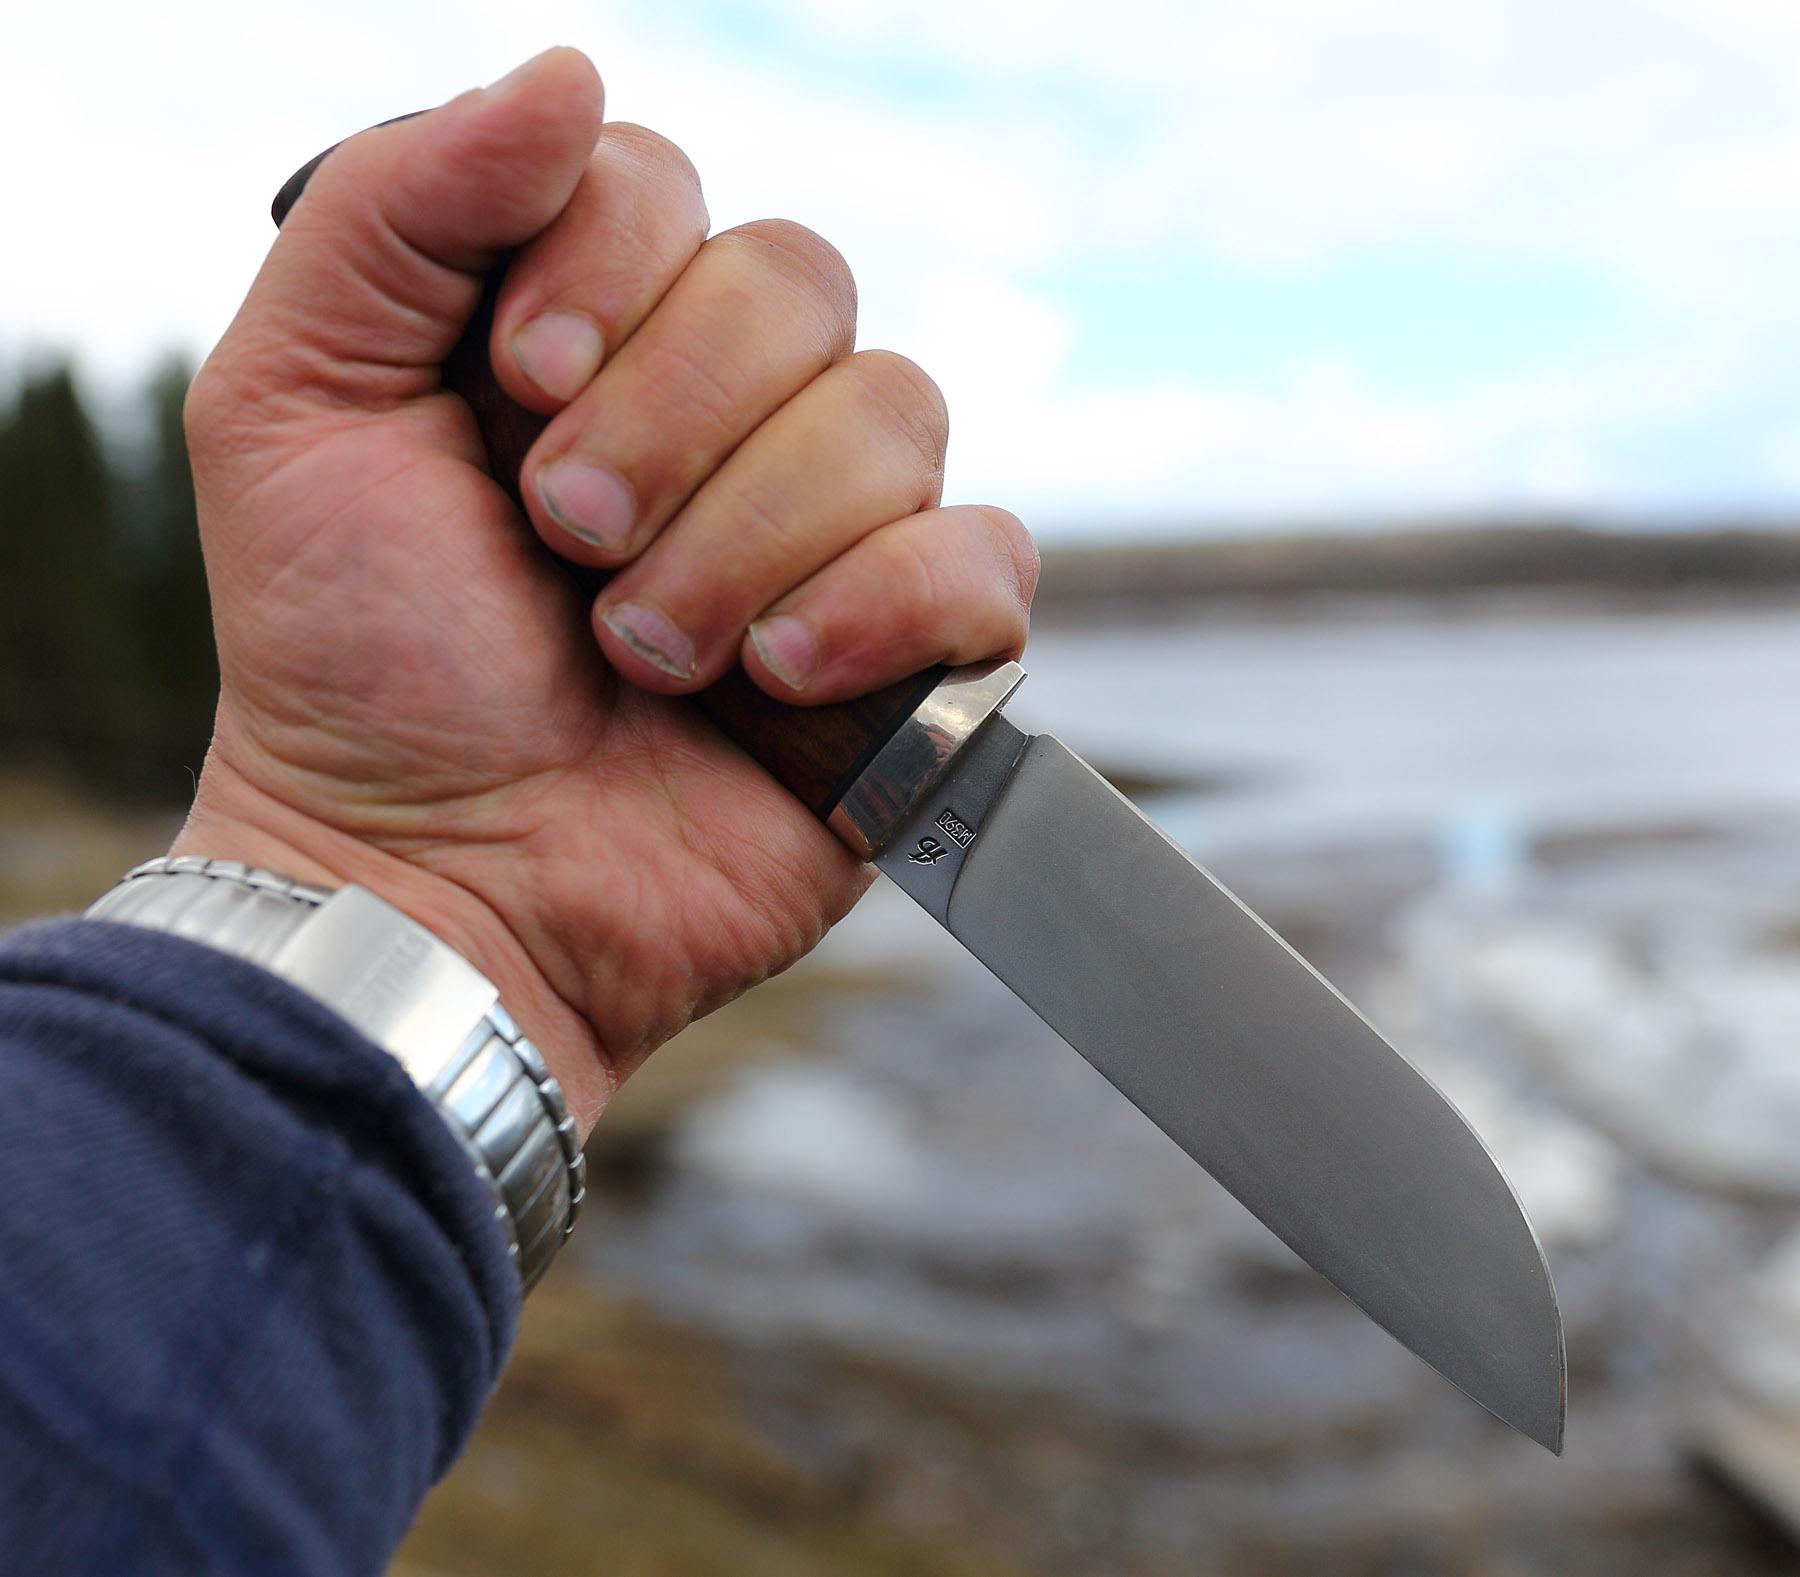 На Днепропетровщине 18-летняя девушка убила своего сожителя